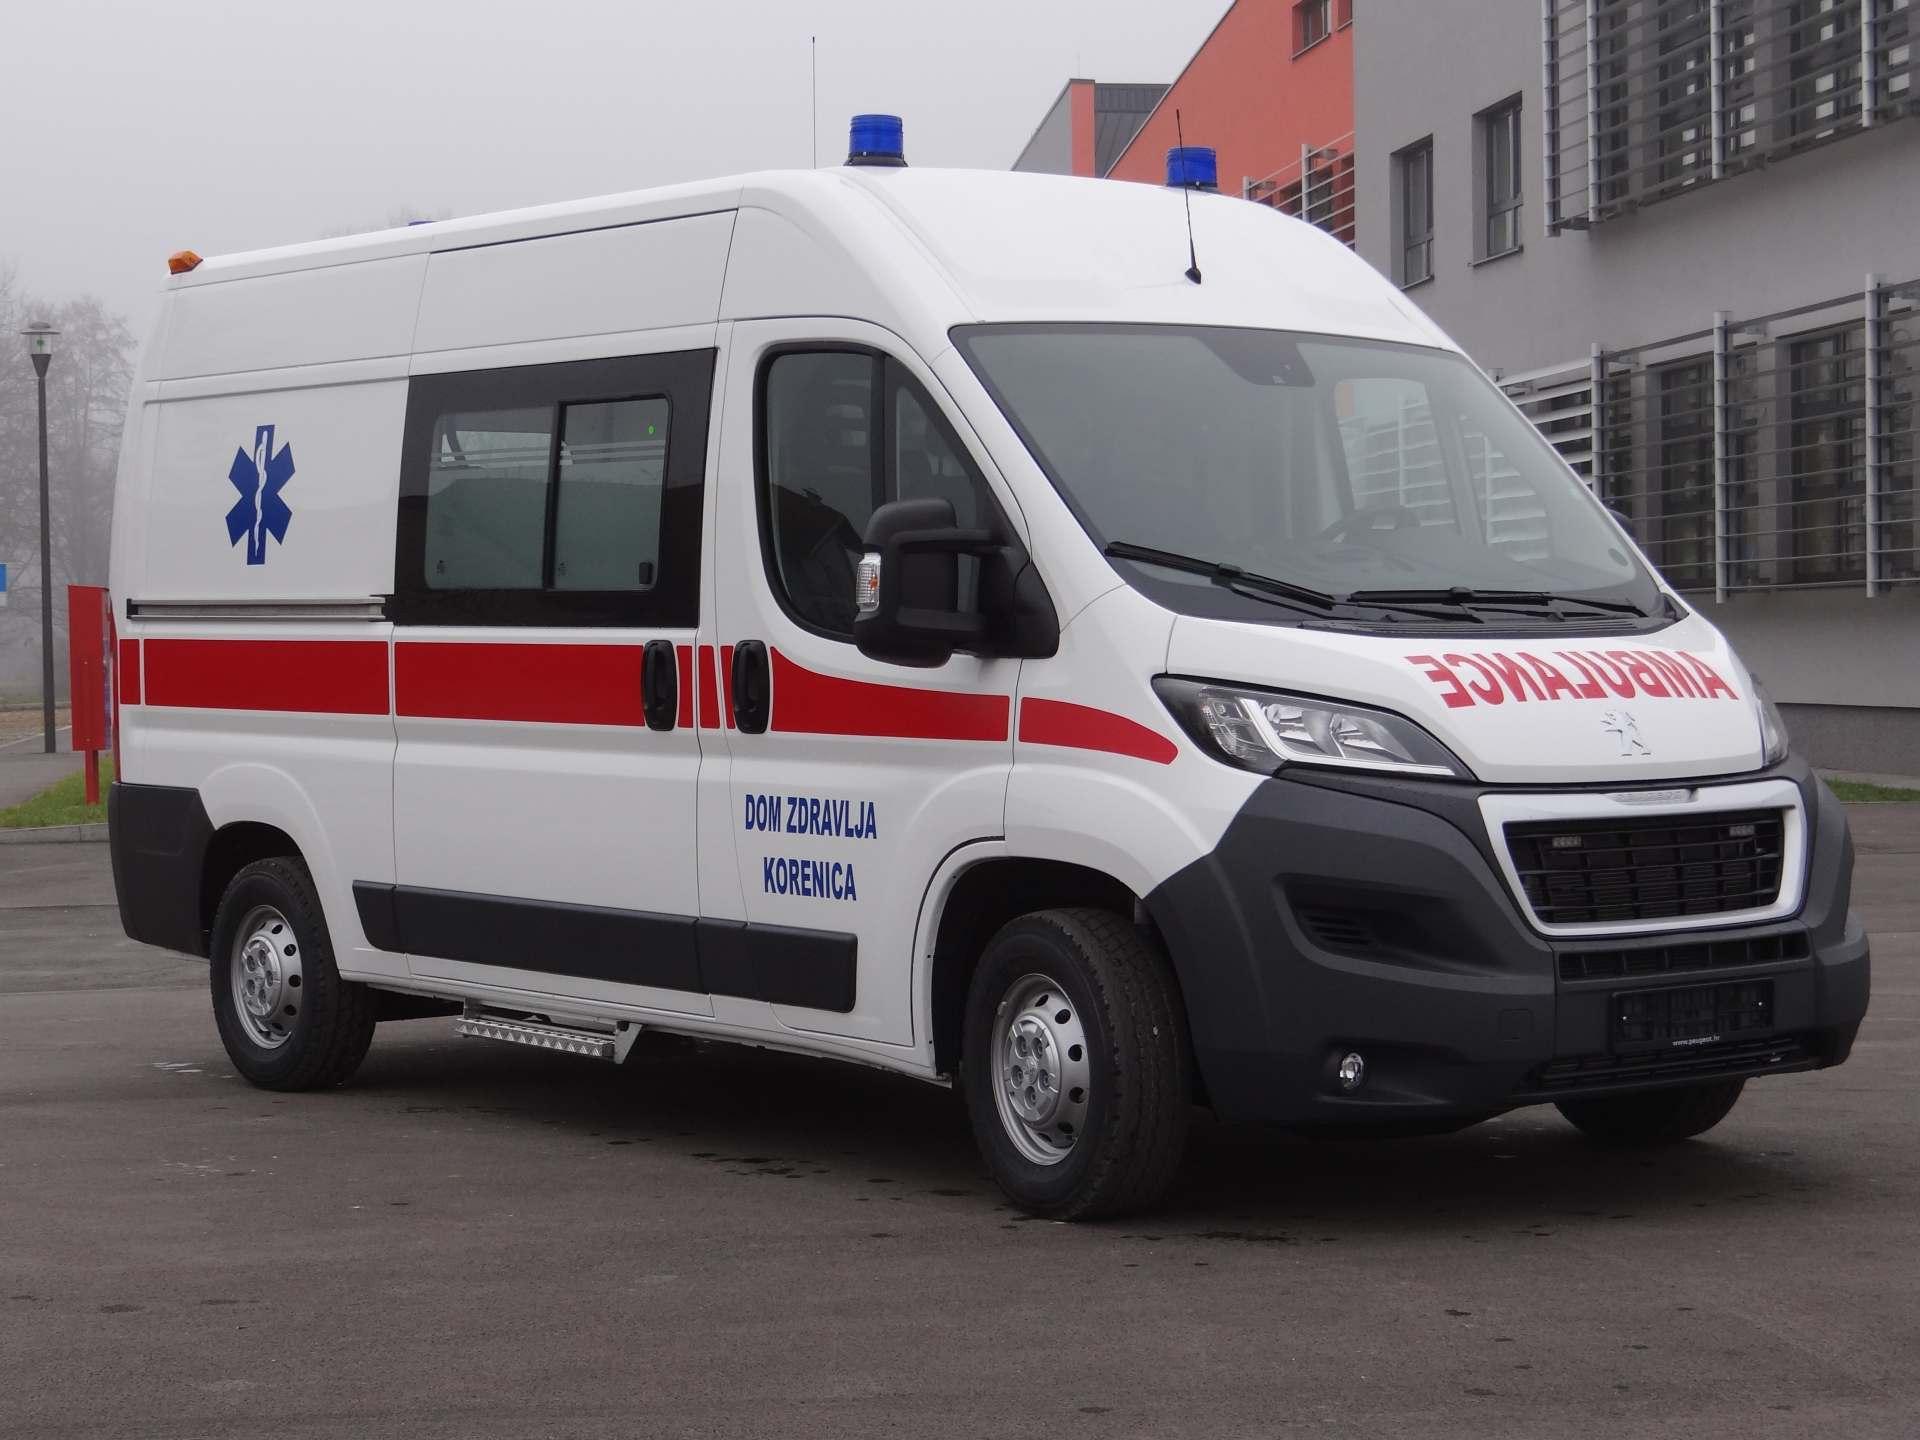 Sanitetski prijevoz M1